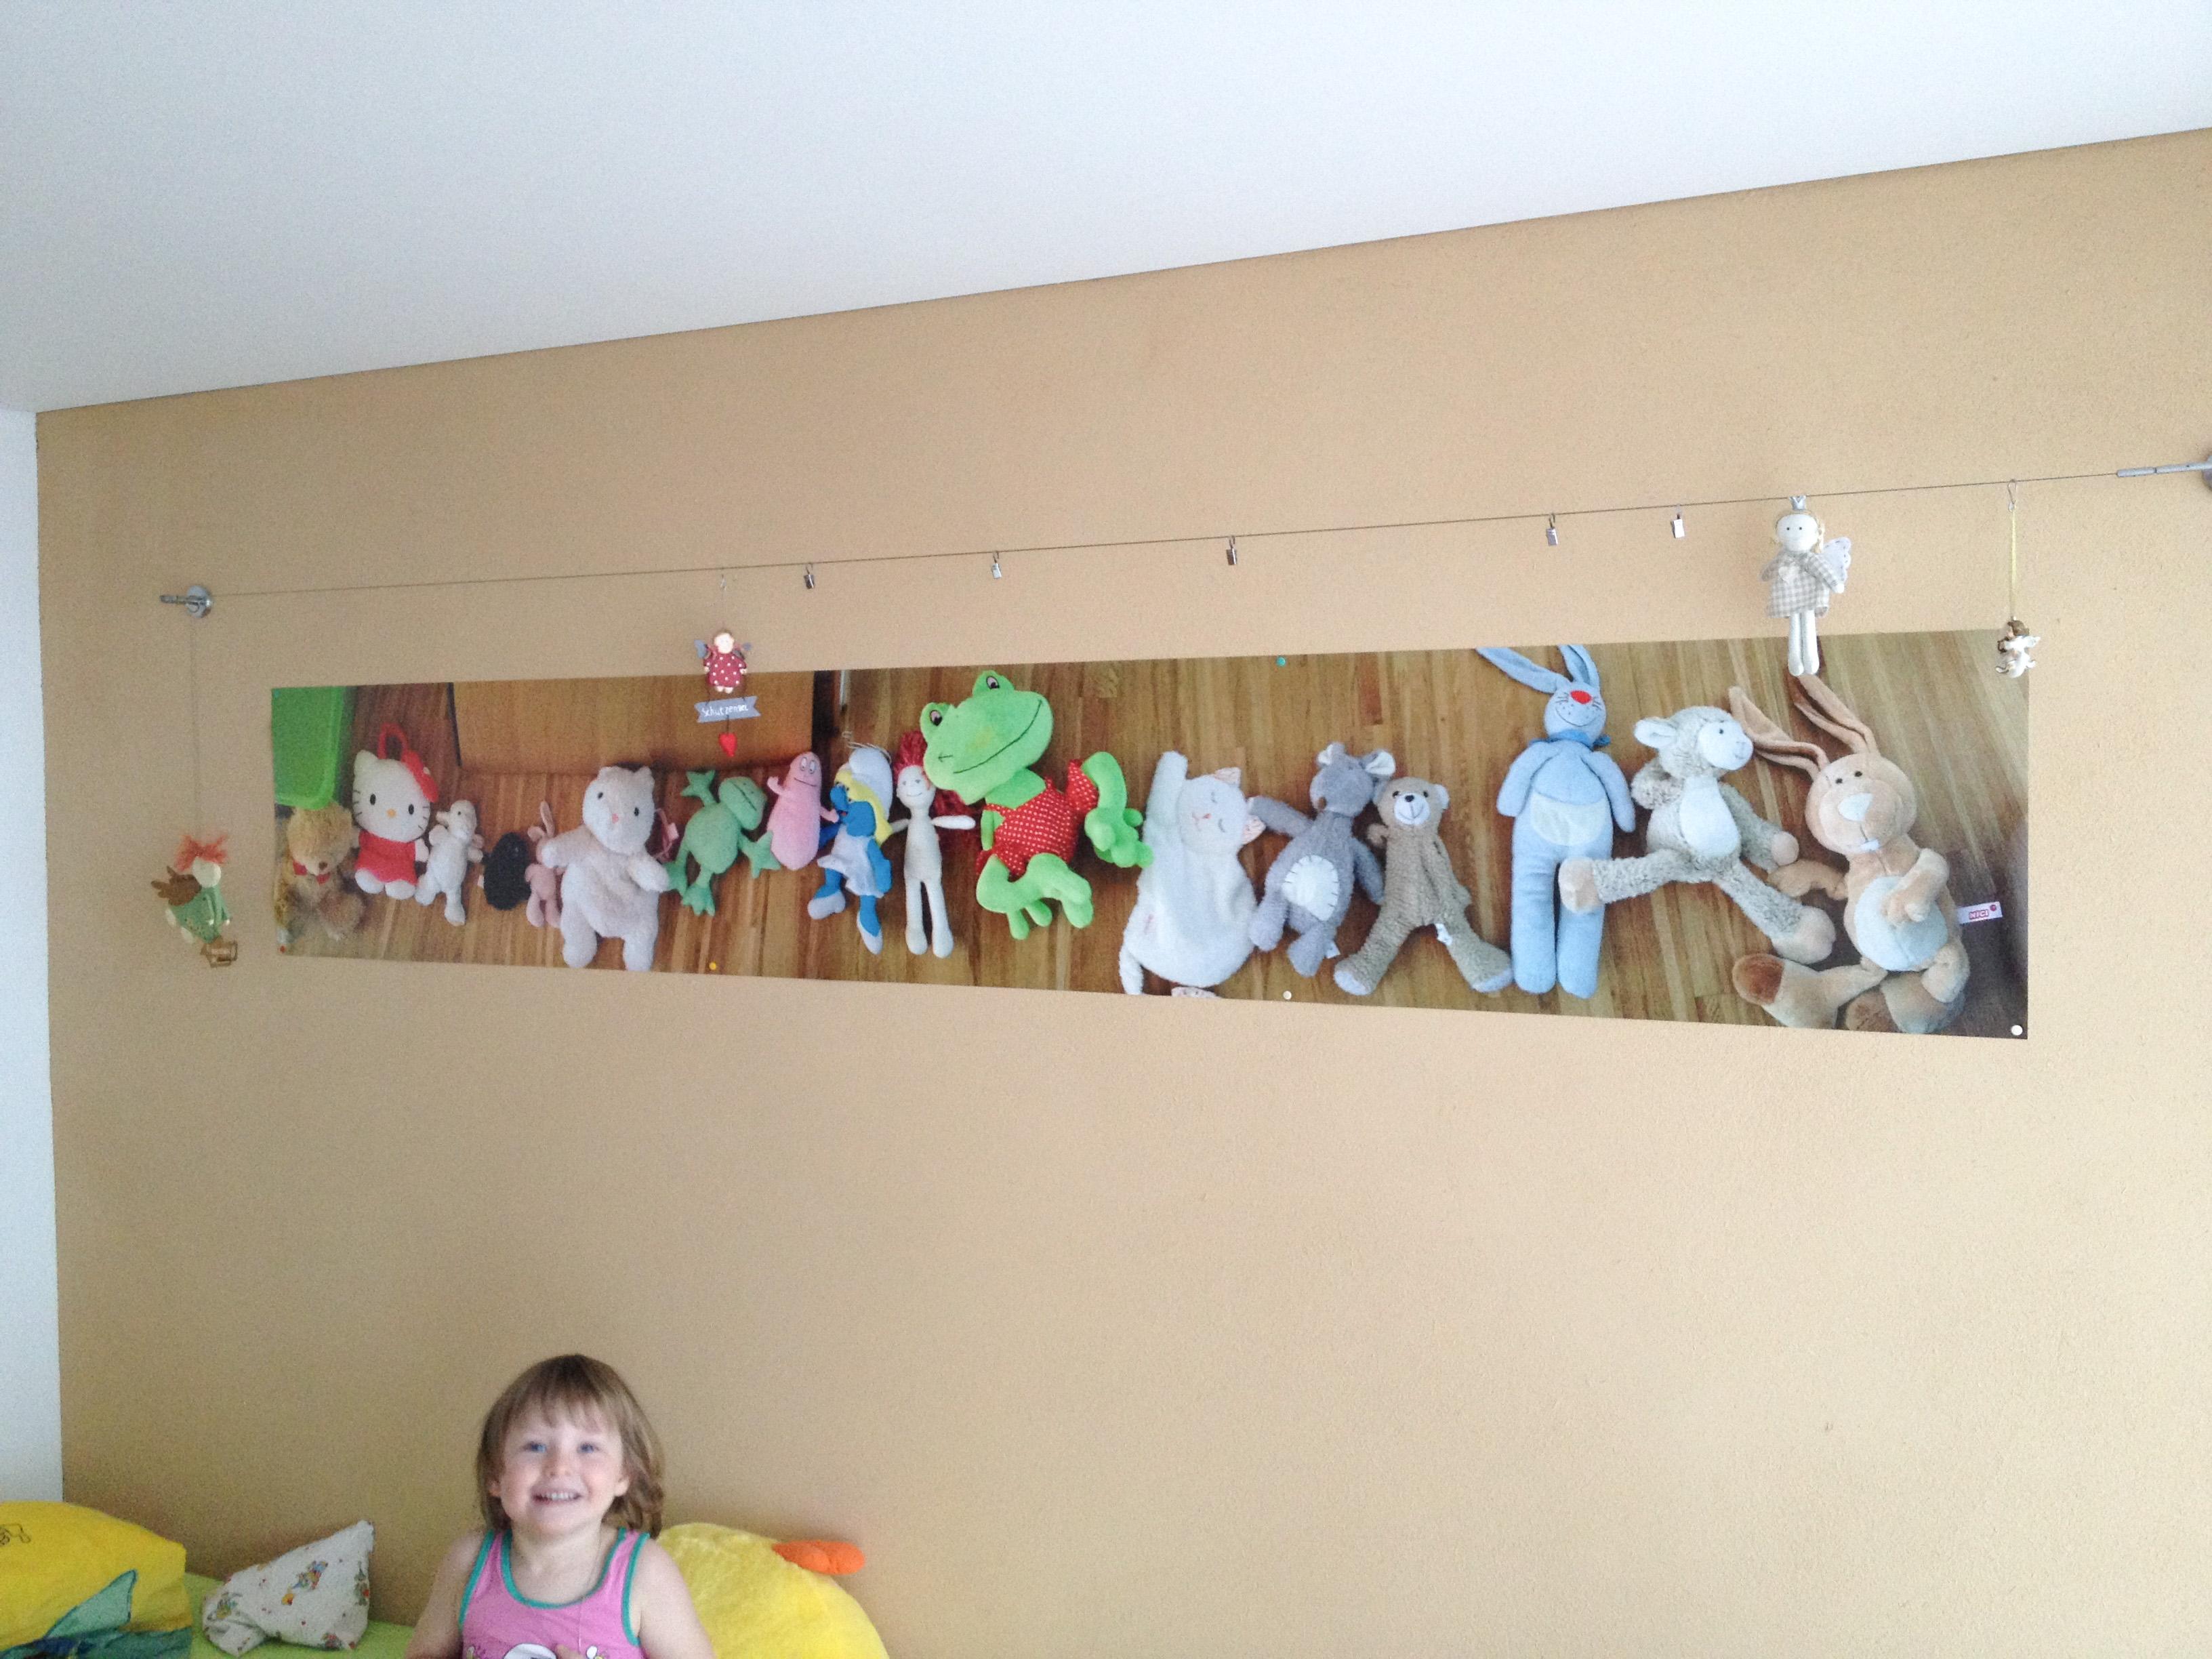 Panorama-Foto der liebsten Kuscheltiere im Kinderzimmer - @myposter / Martin B.